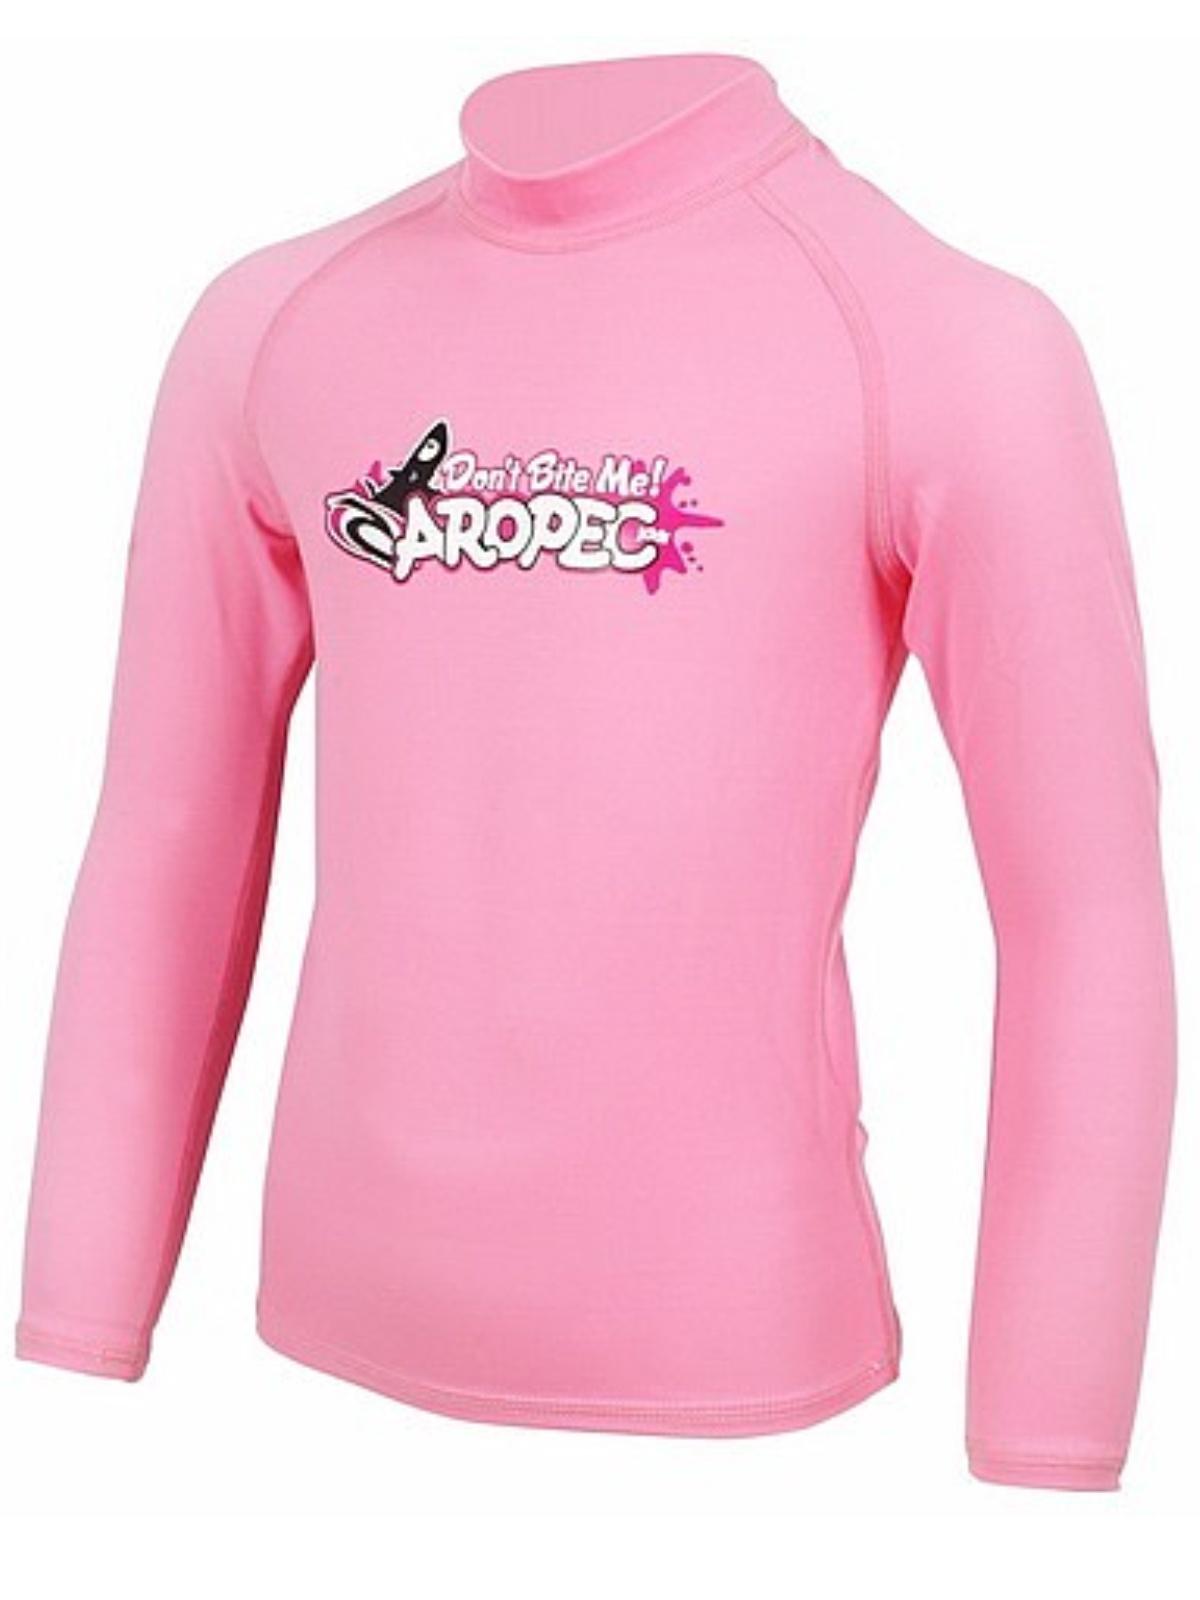 Lycrové triko AROPEC Marvel Kid dětské růžové - vel. 4